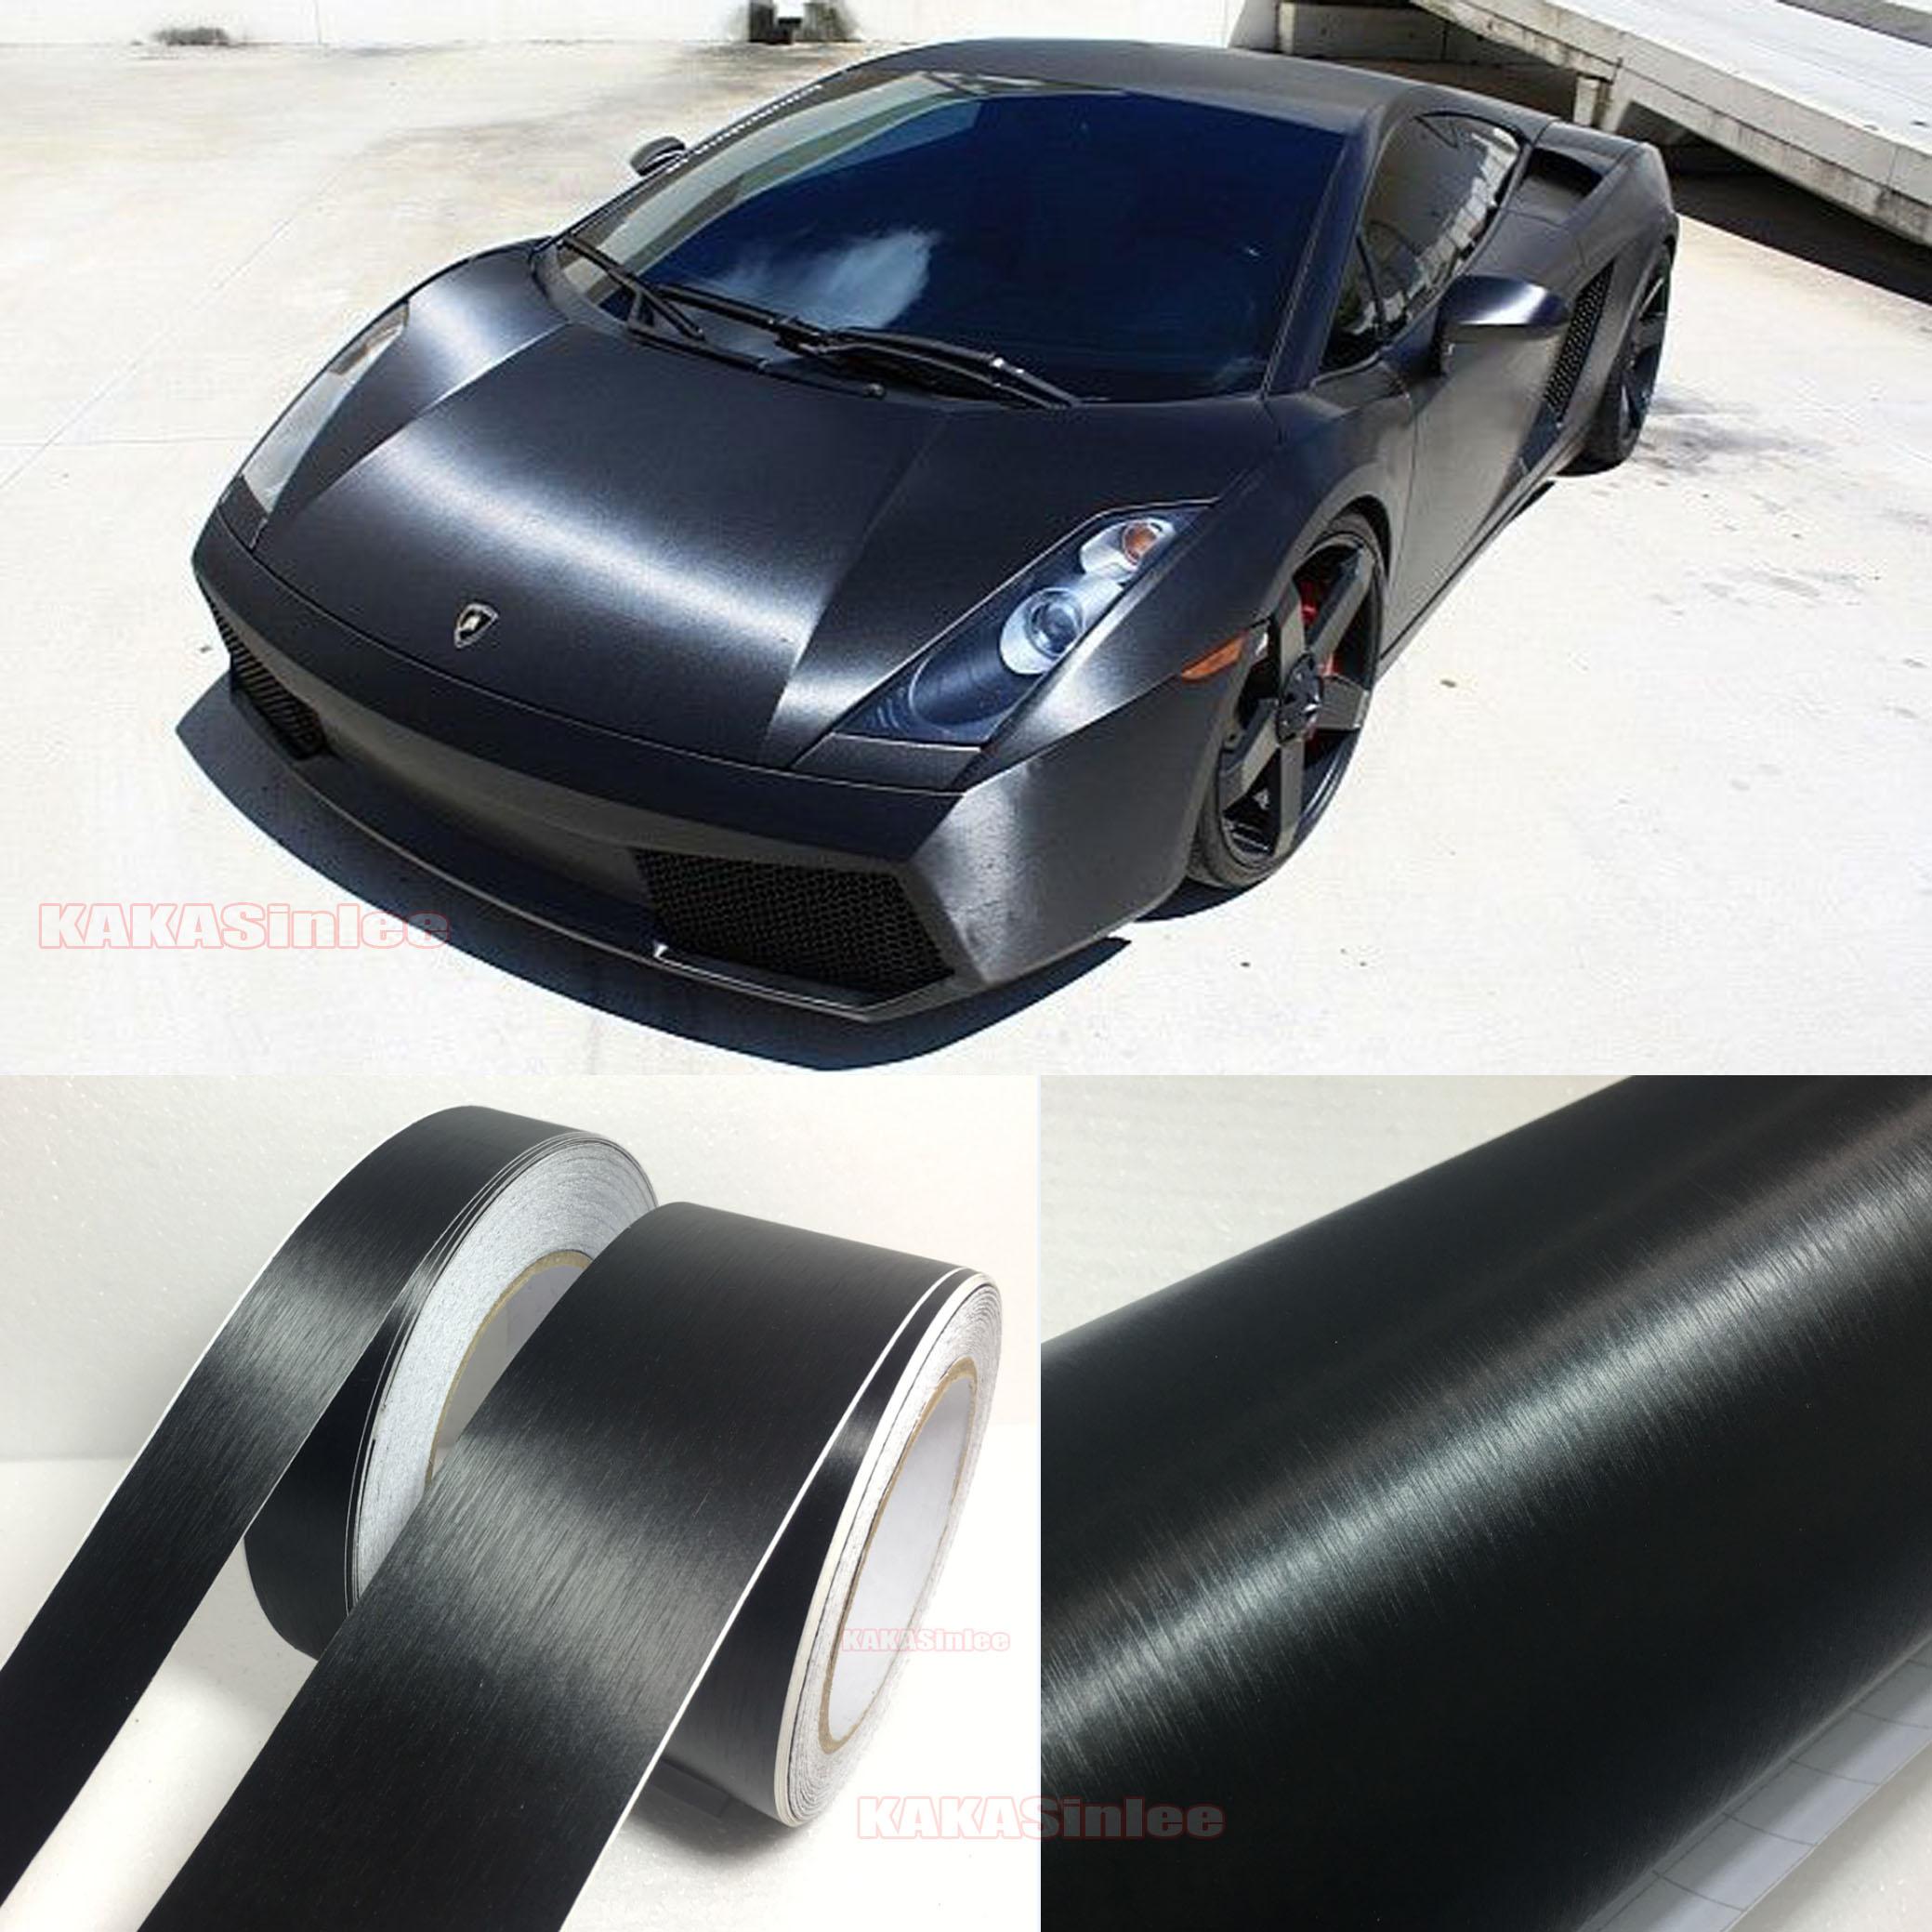 Details About Bubbles Free Car Metal Brushed Matte Aluminum Vinyl Wrap Sticker Film Black Ab